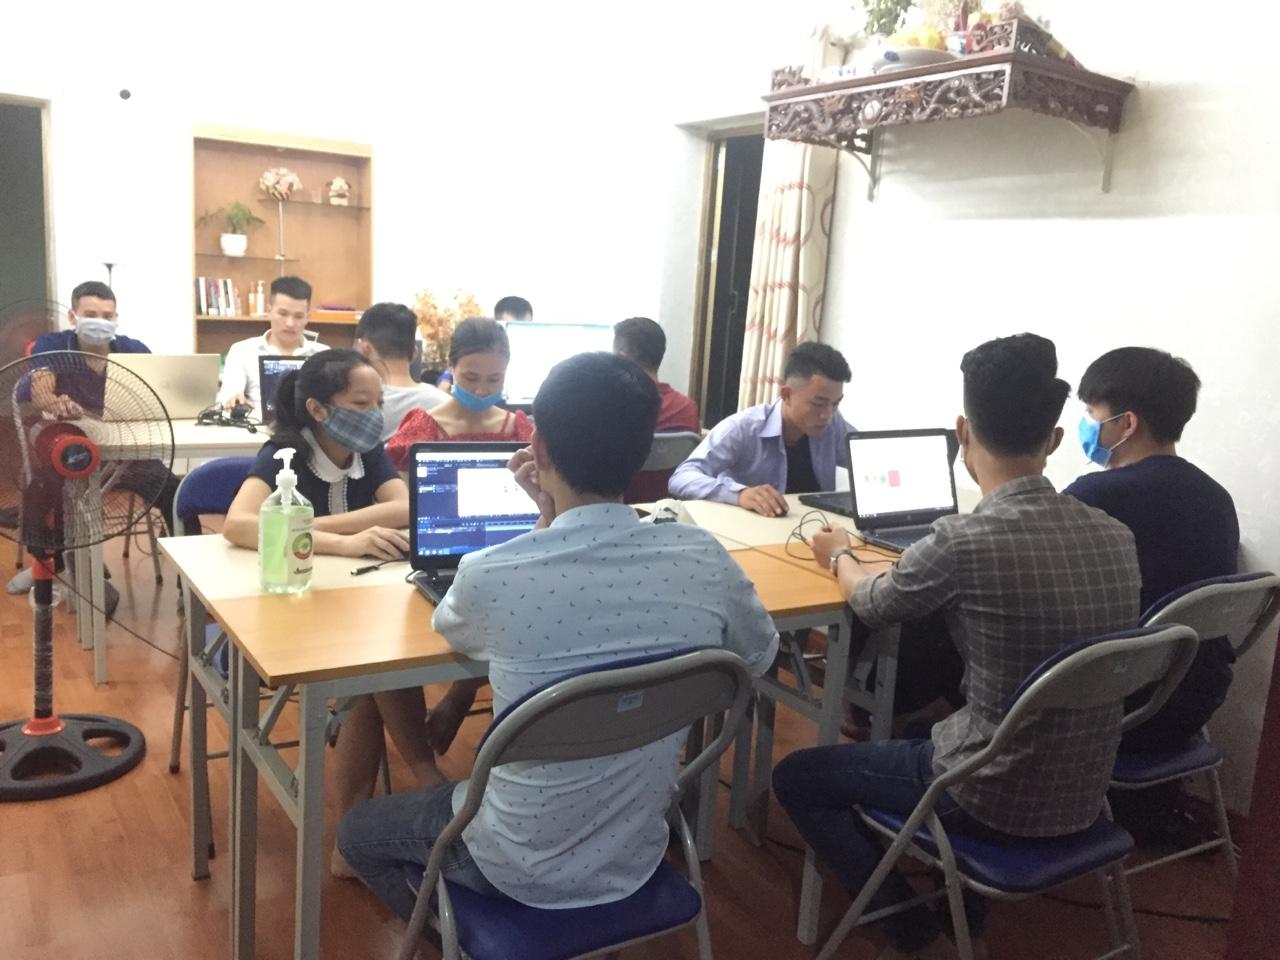 Lớp học corel ngắn hạn tại Đức Giang Long Biên